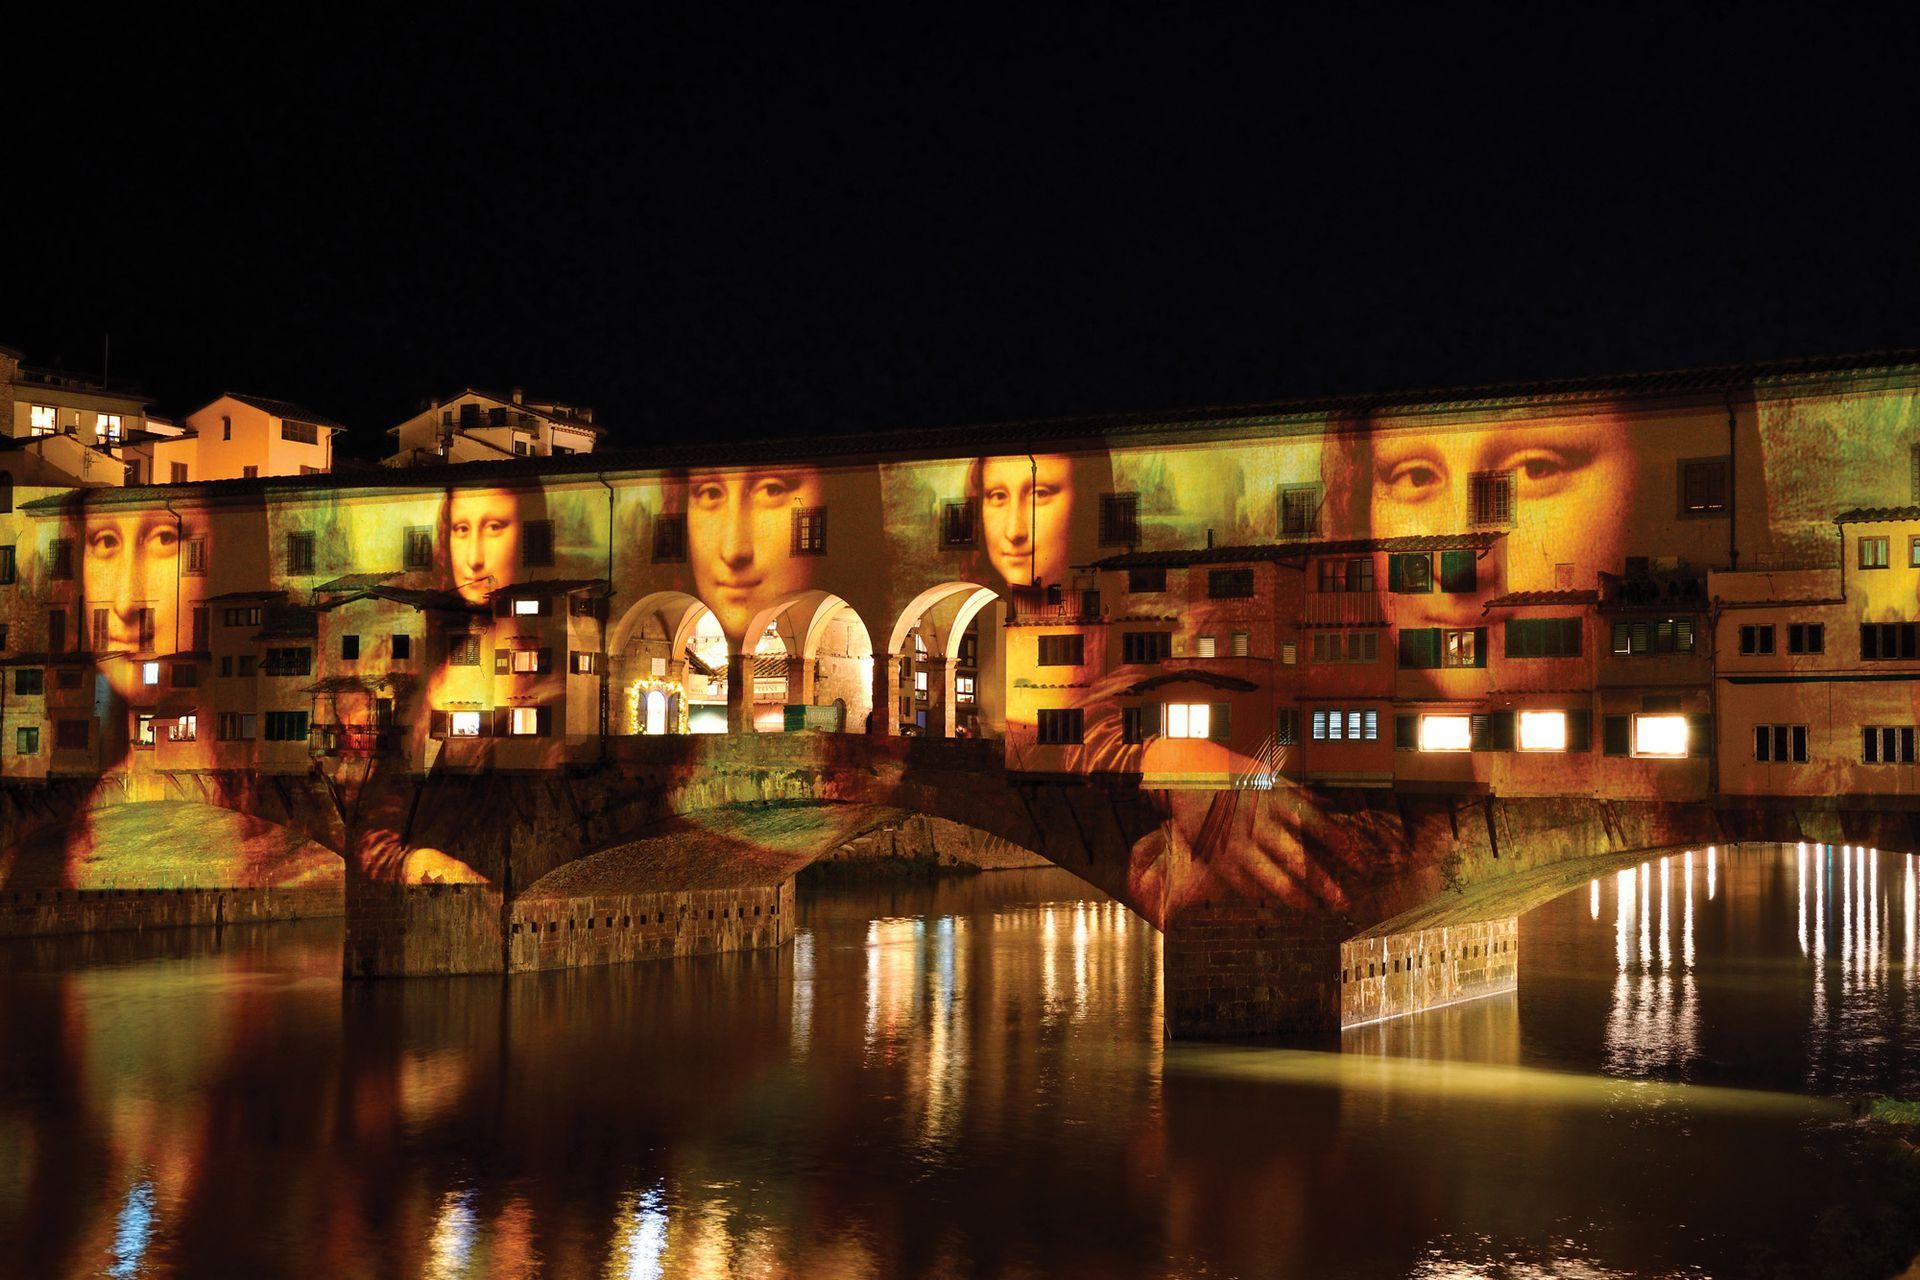 Arriba, el Ponte Vecchio, en Florencia, se luce con las proyecciones de la Mona Lisa, durante la última Navidad